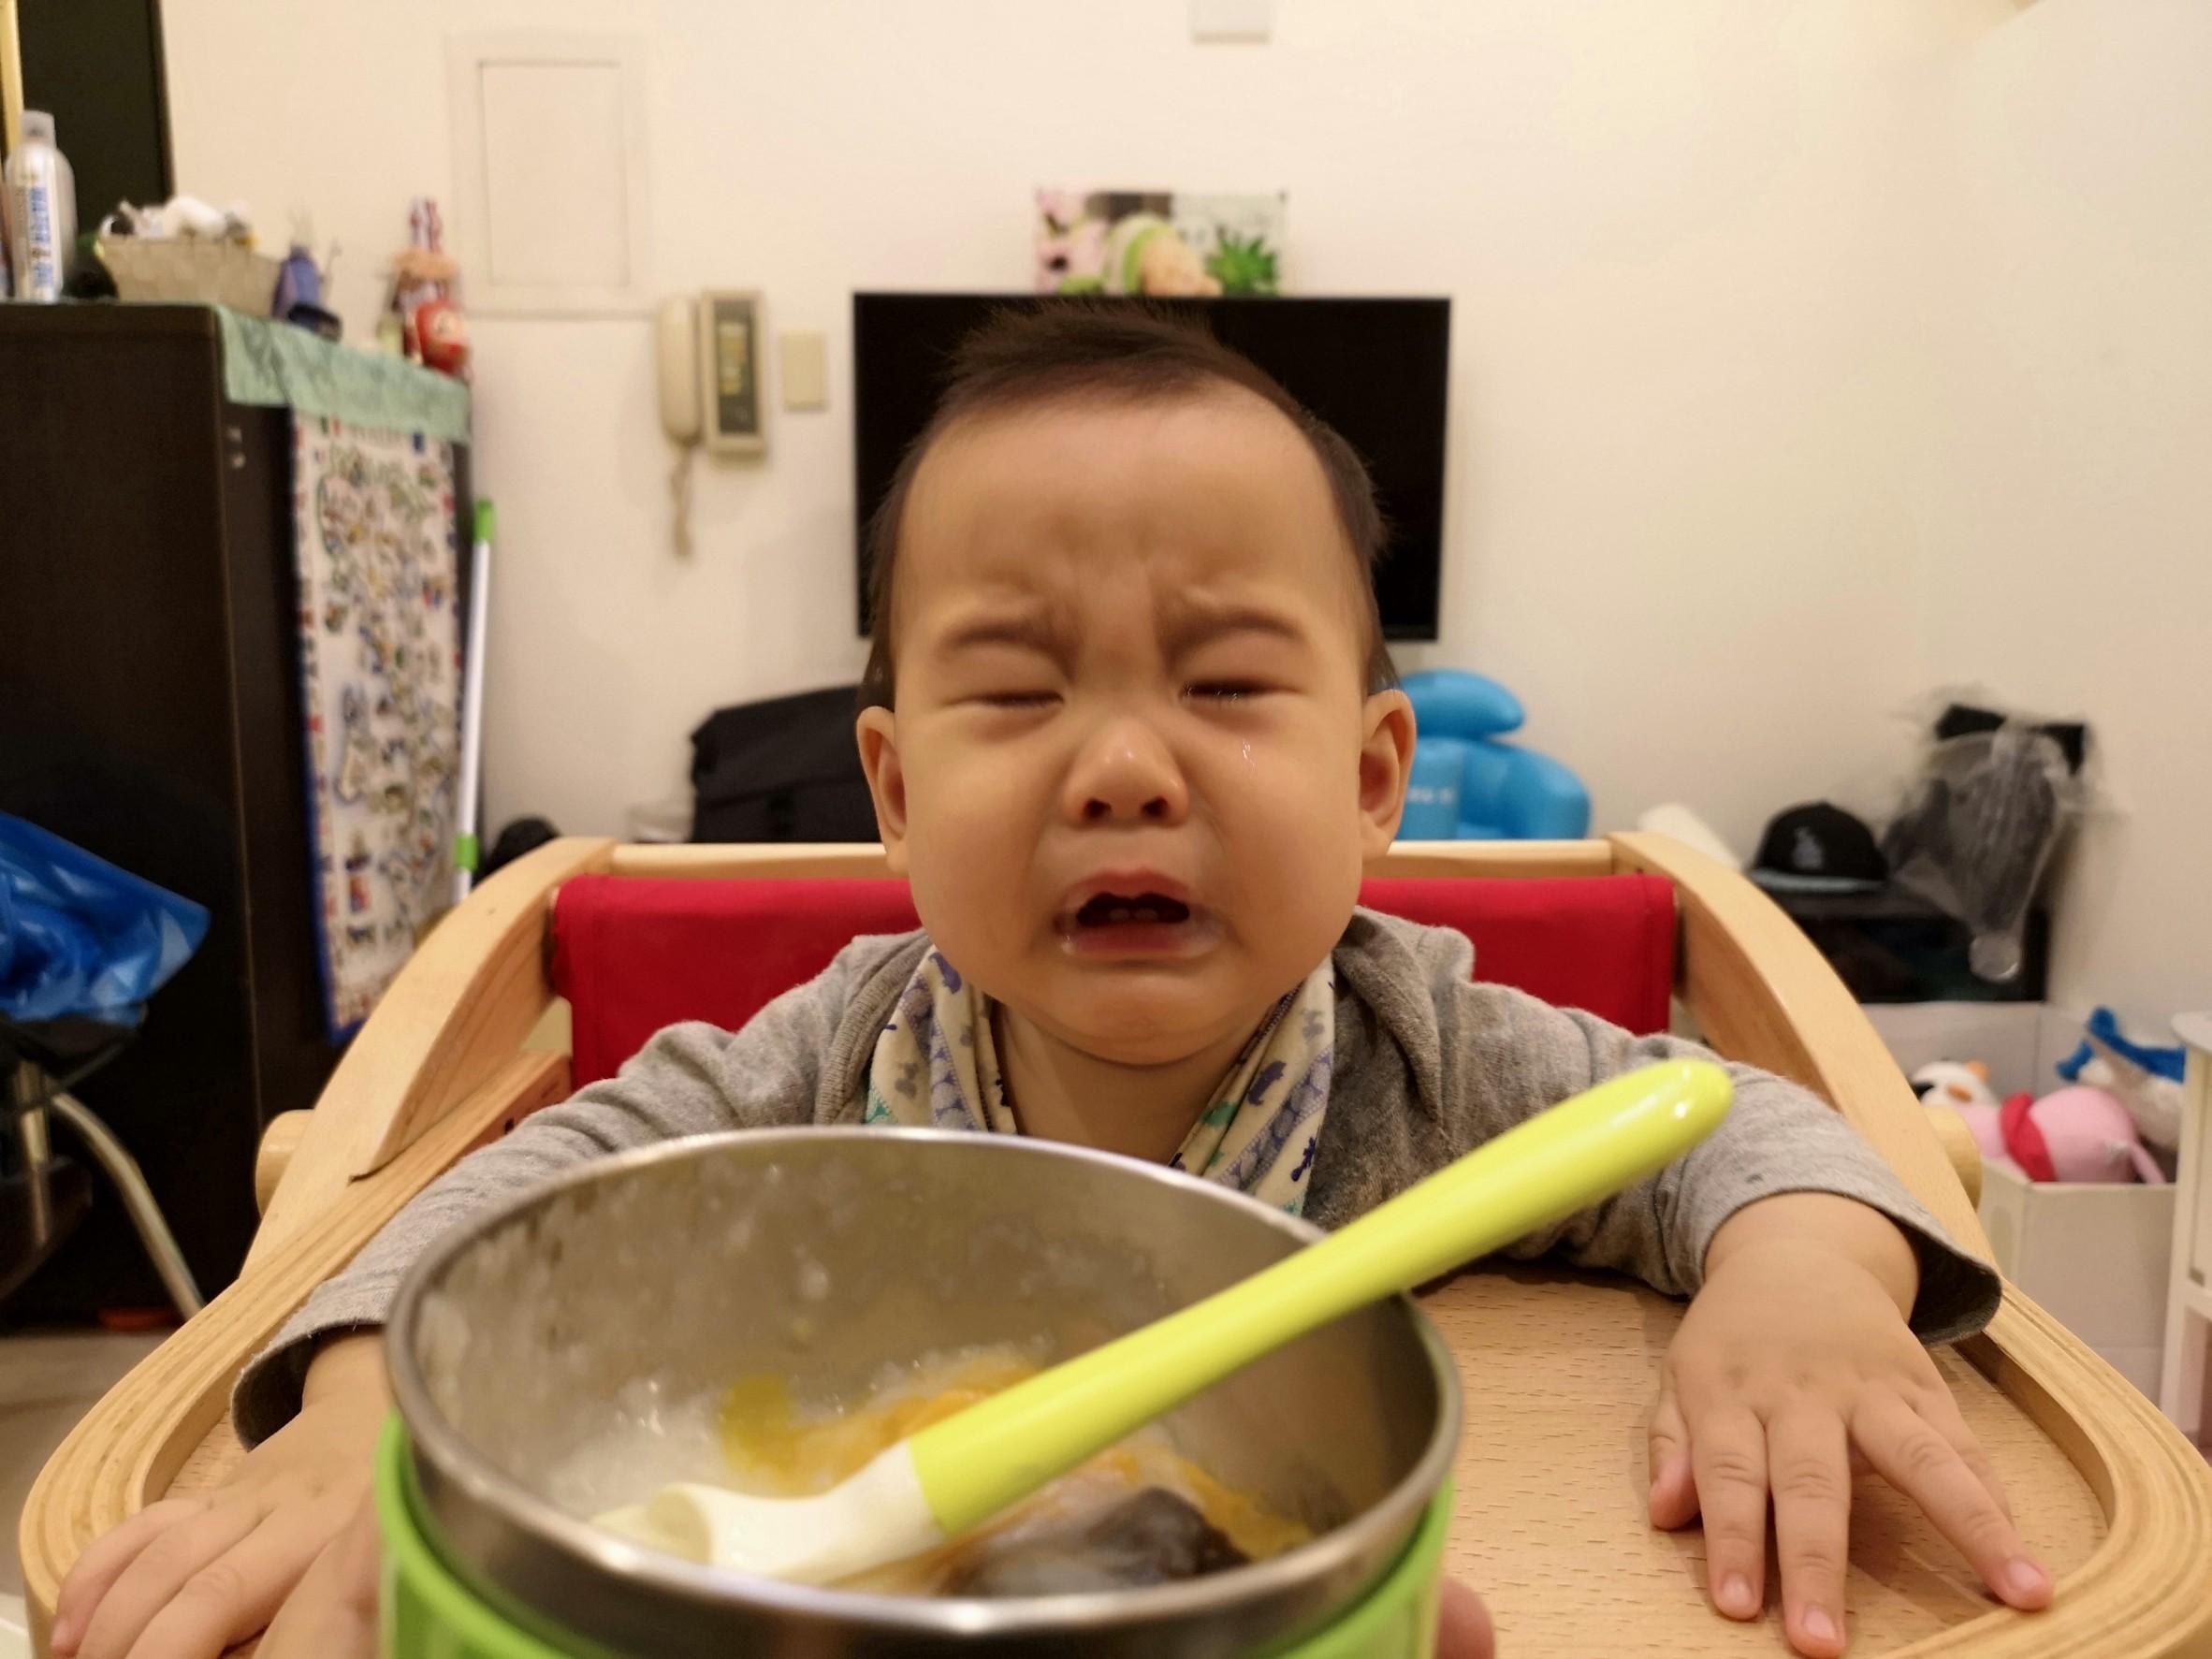 育兒紀錄♥4-8m小記錄!飛飛化身吃貨!口慾強,戒不了夜奶,媽媽累! @陳小沁の吃喝玩樂